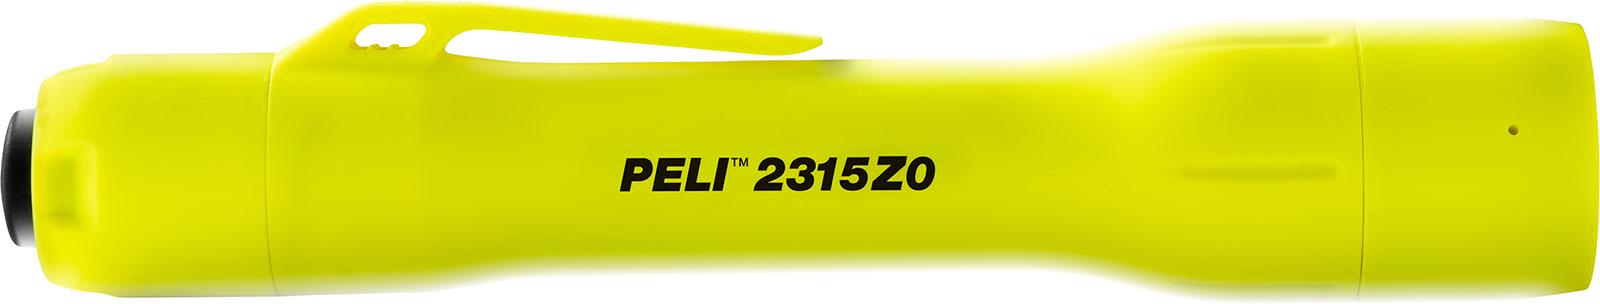 peli safety approved torch 2315z0 led